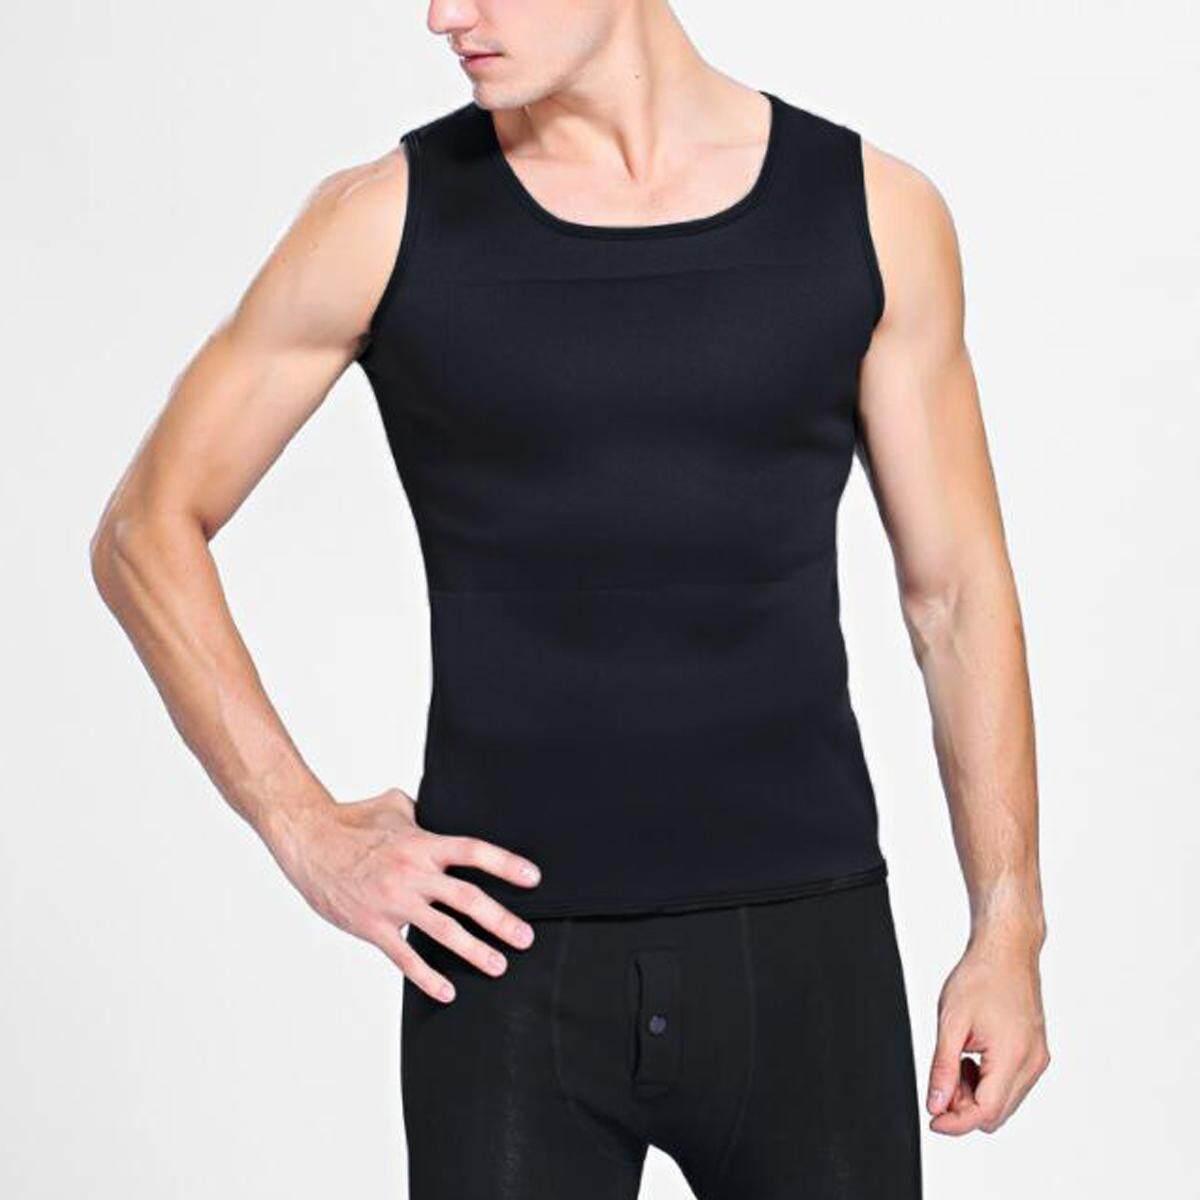 f68b3f75489 ... Neoprene Body Shaper Men Slimming Vest Thermo Sweat Sauna Waist Trainer  Belt L - intl ...